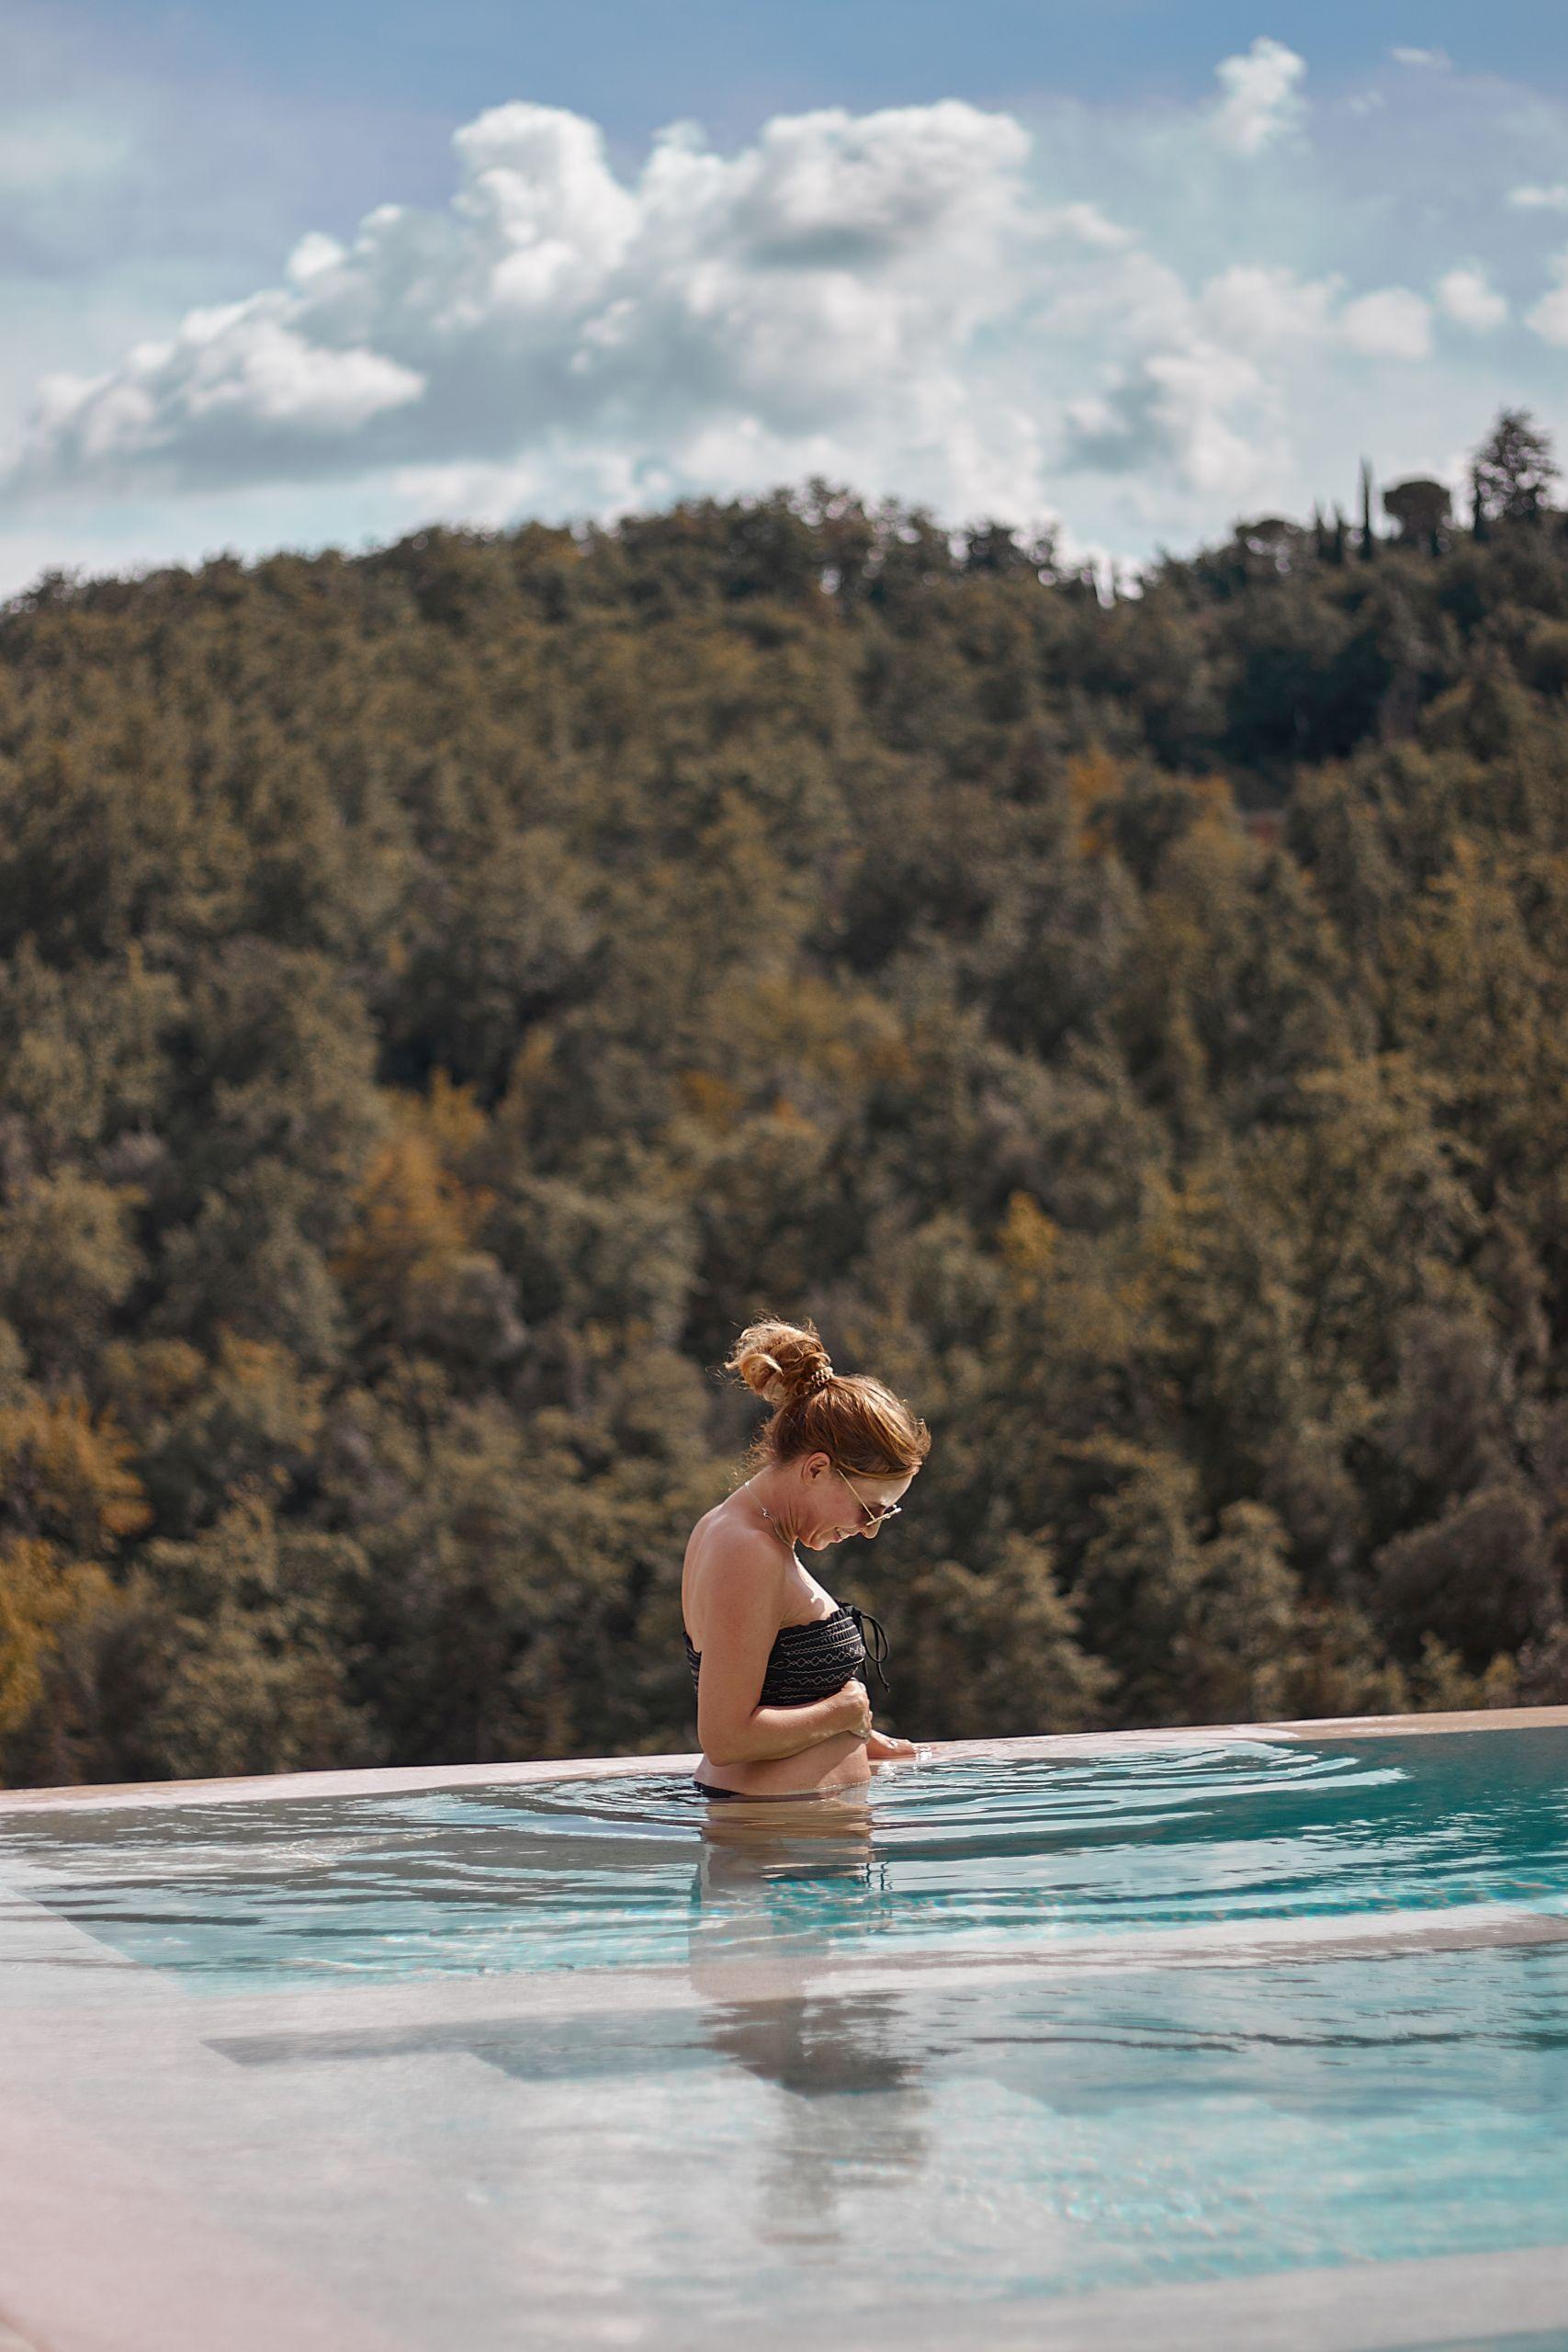 Swimmingpool vom Dievole Wine Resort in Siena als Unterkunft vom Toskana Roadtrip